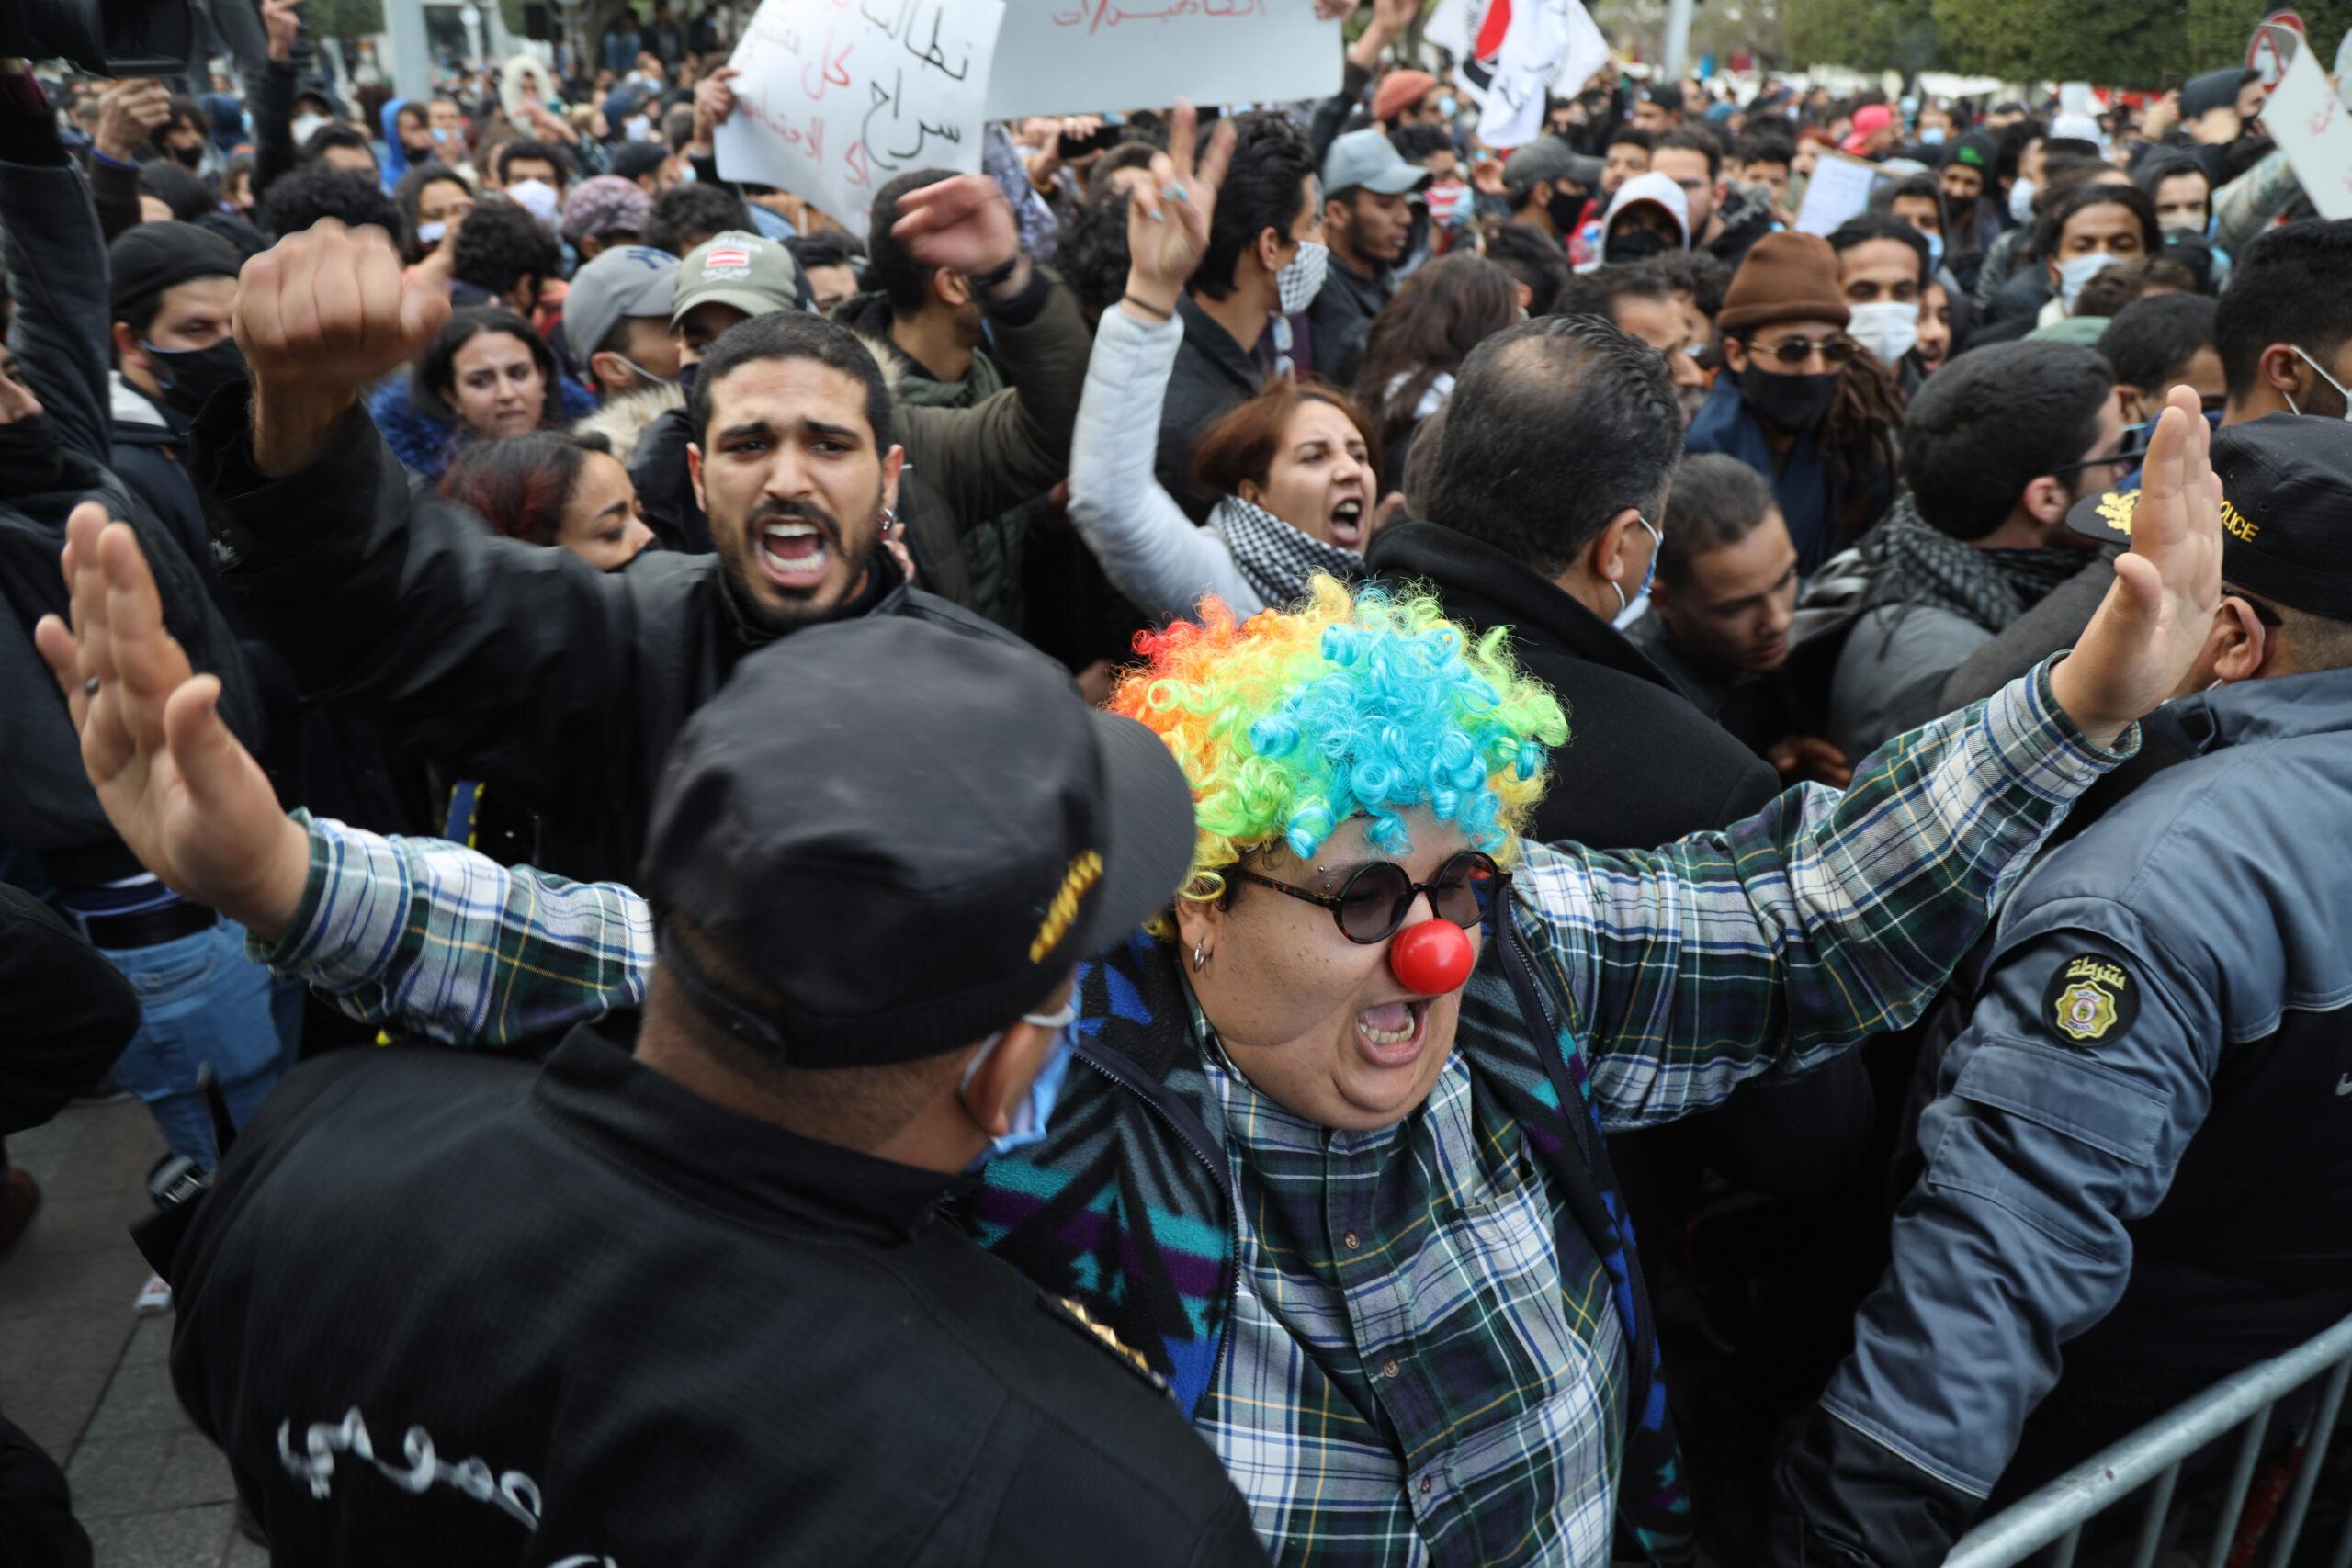 جردة الحراك: فسيفساء الحراك الاجتماعي والحقوقي في تونس سنة 2020